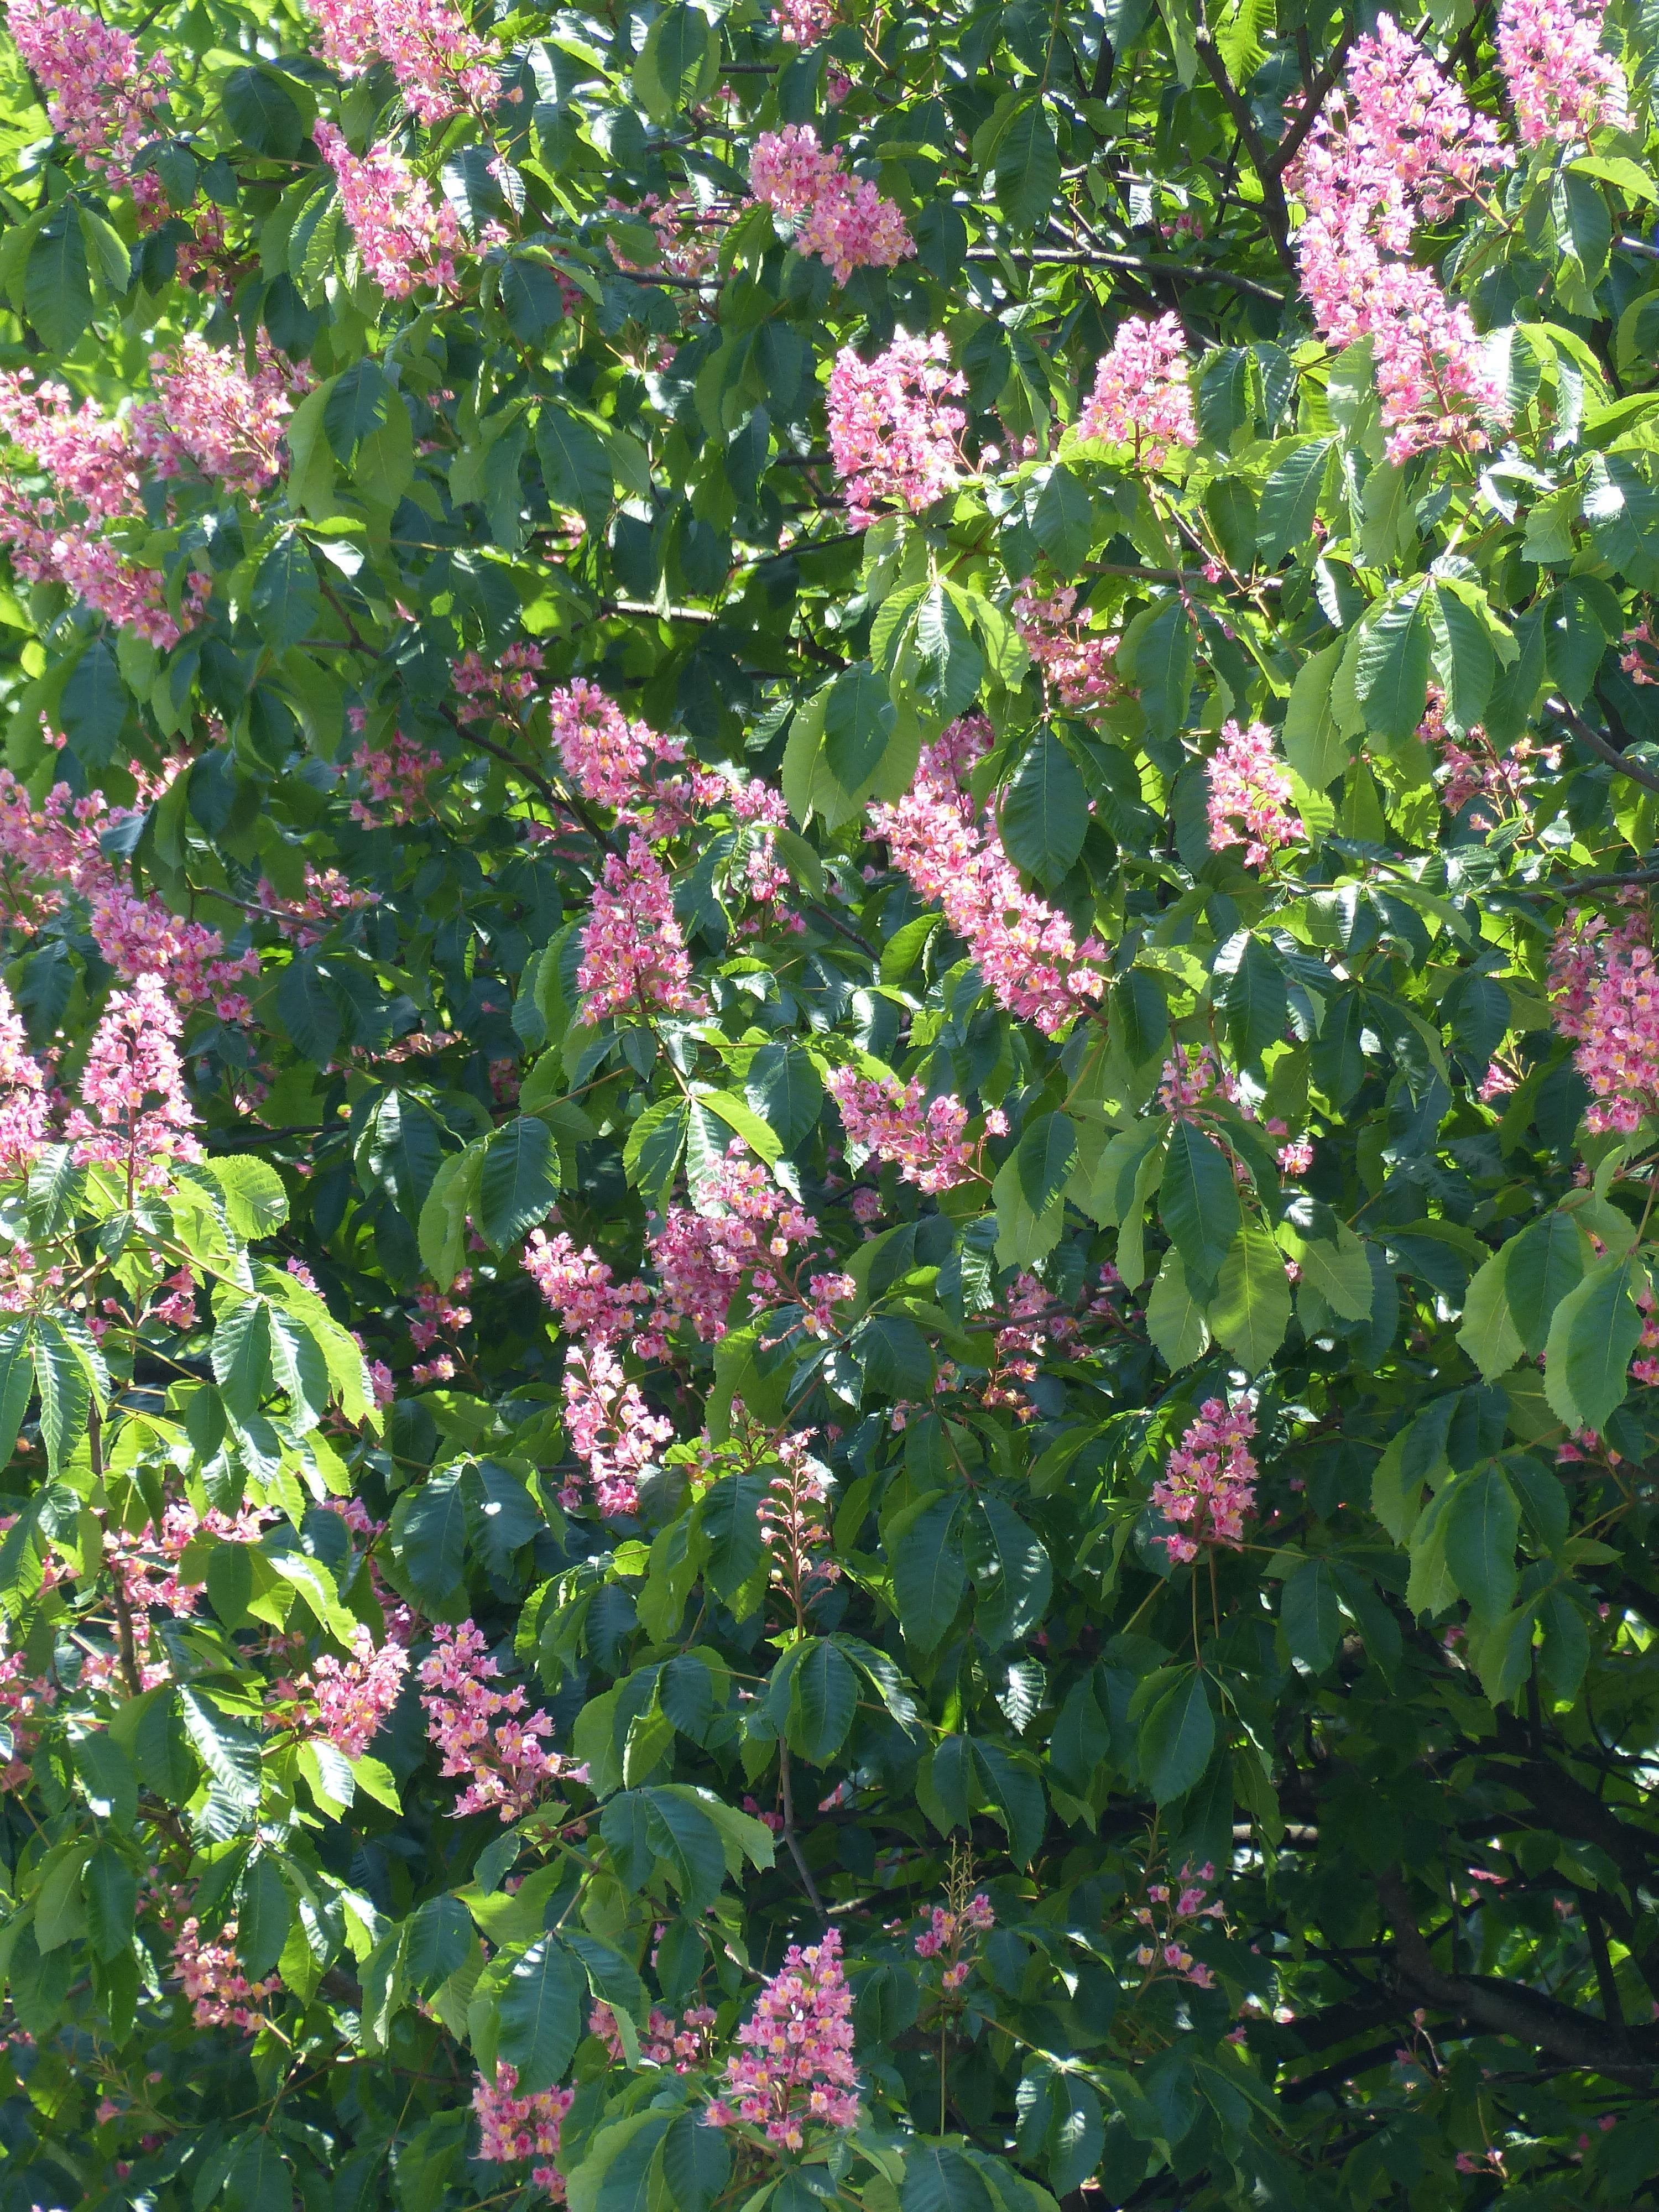 images gratuites : arbre, fleur, floraison, herbe, botanique, jardin